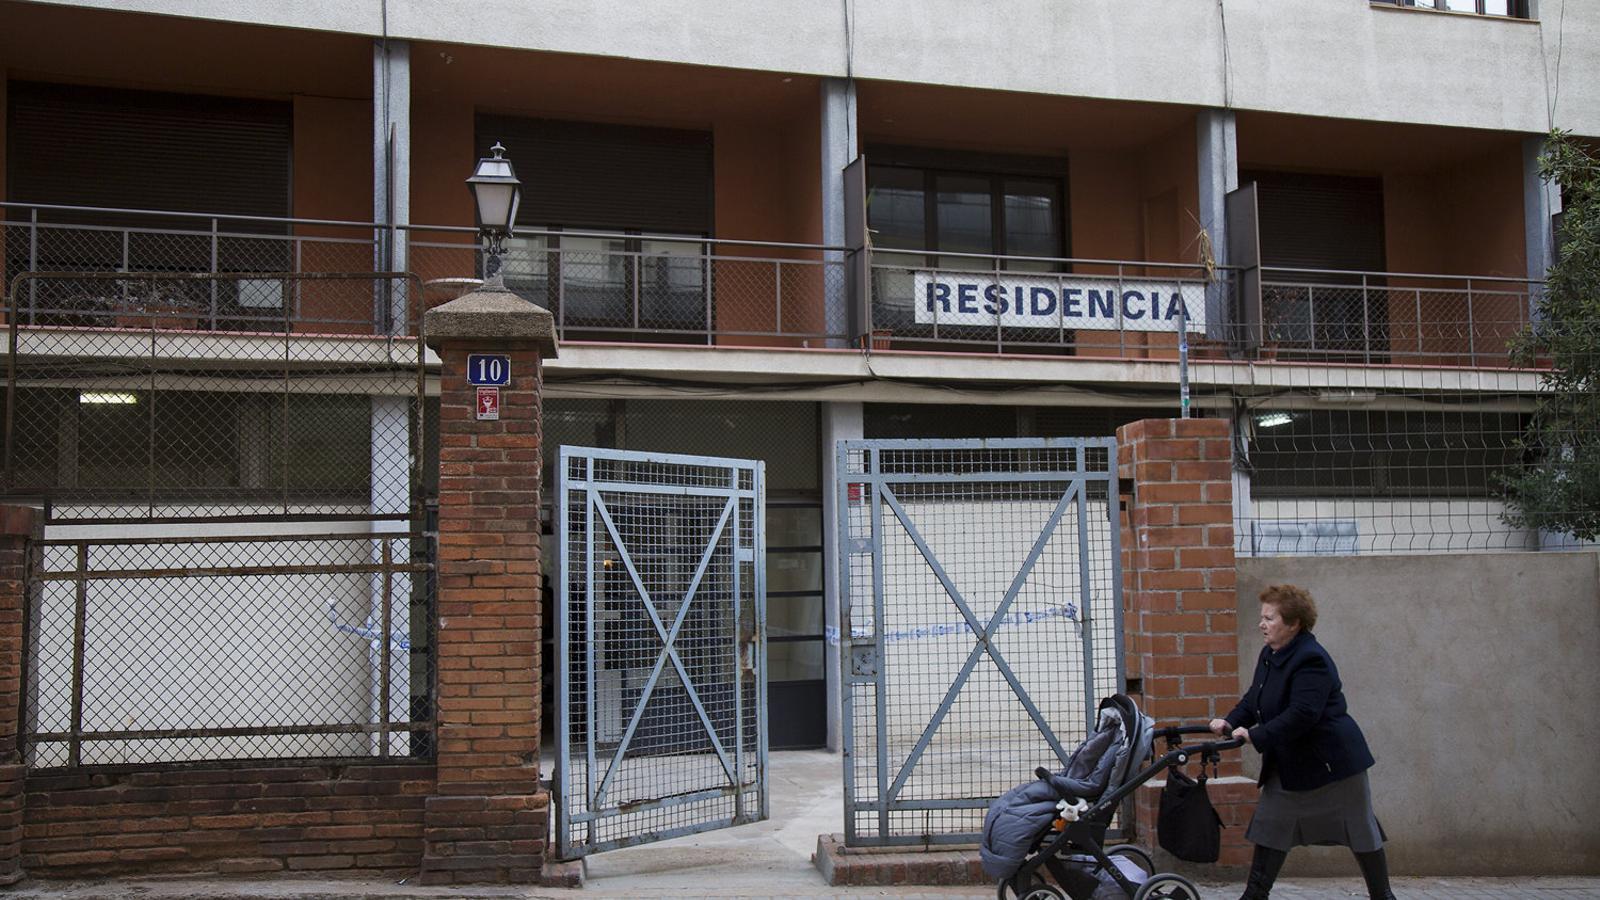 Un dona passant amb un cotxet per davant d'una residència de gent gran a Barcelona.